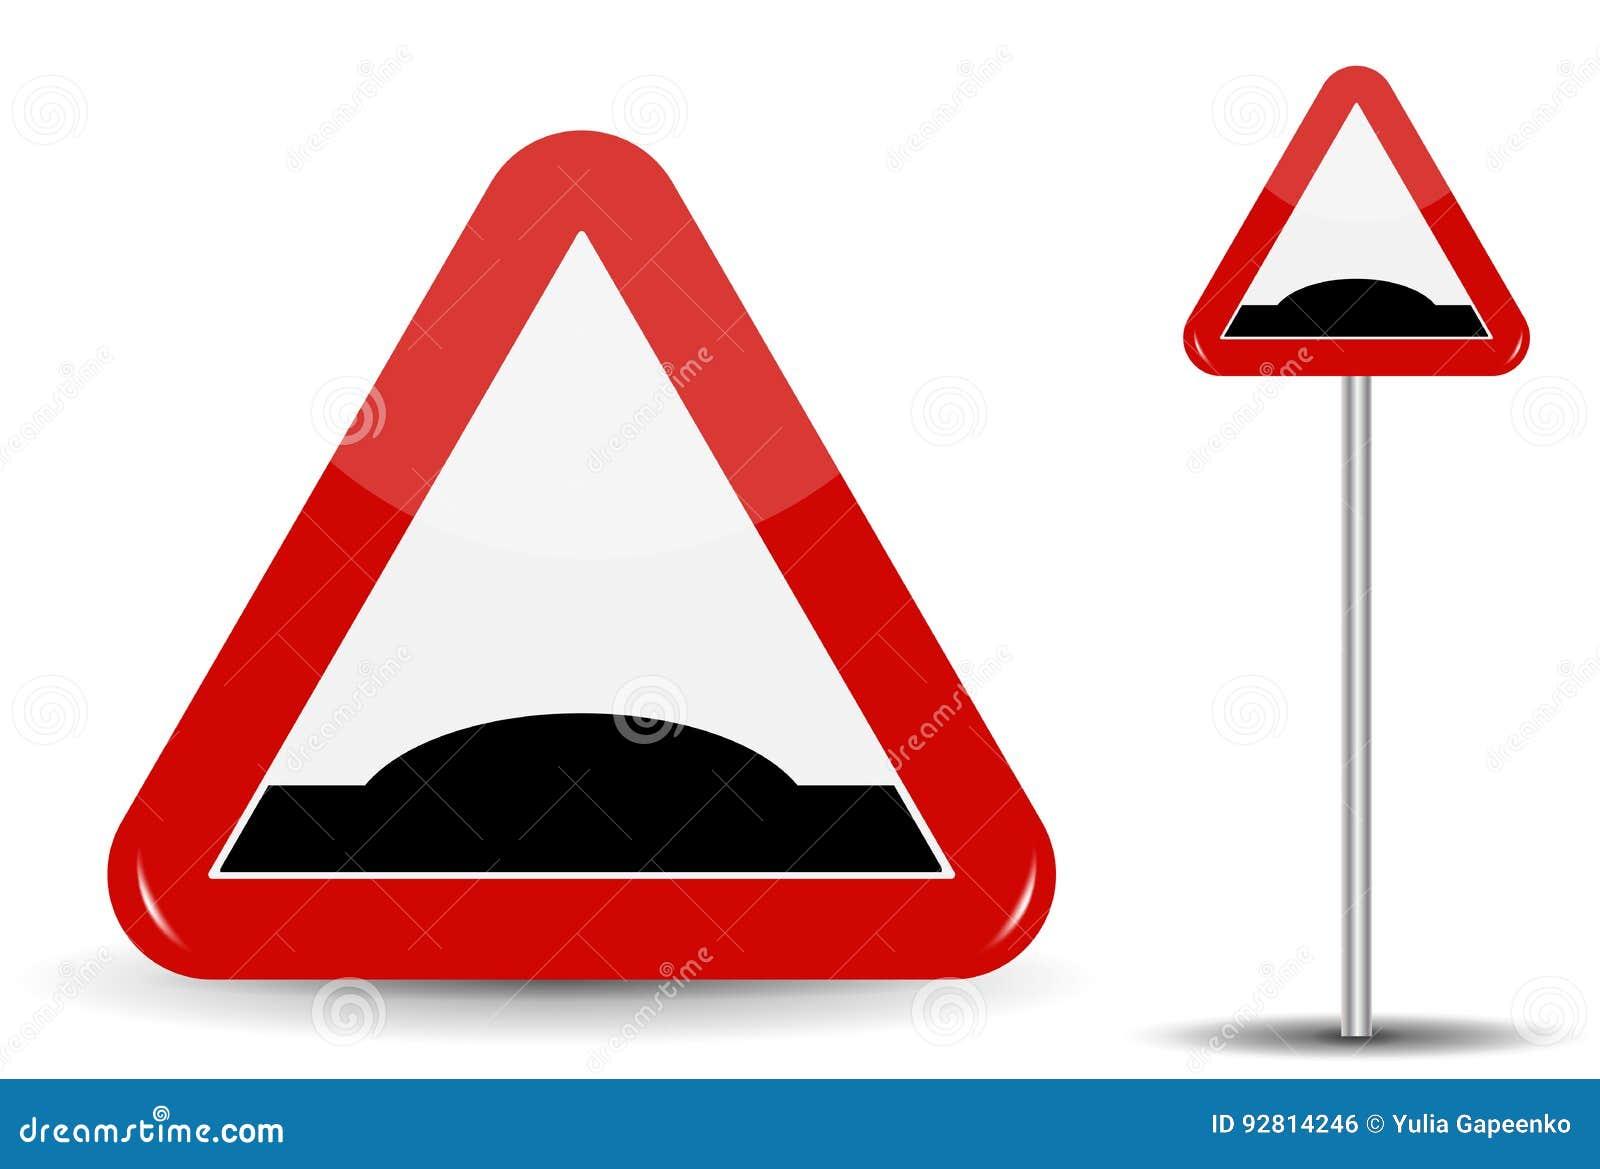 Schlafender Polizist Verkehrsschild Warnung Im roten Dreieck wird schematisch einer künstlichen Ungleichheit in Form dargestellt